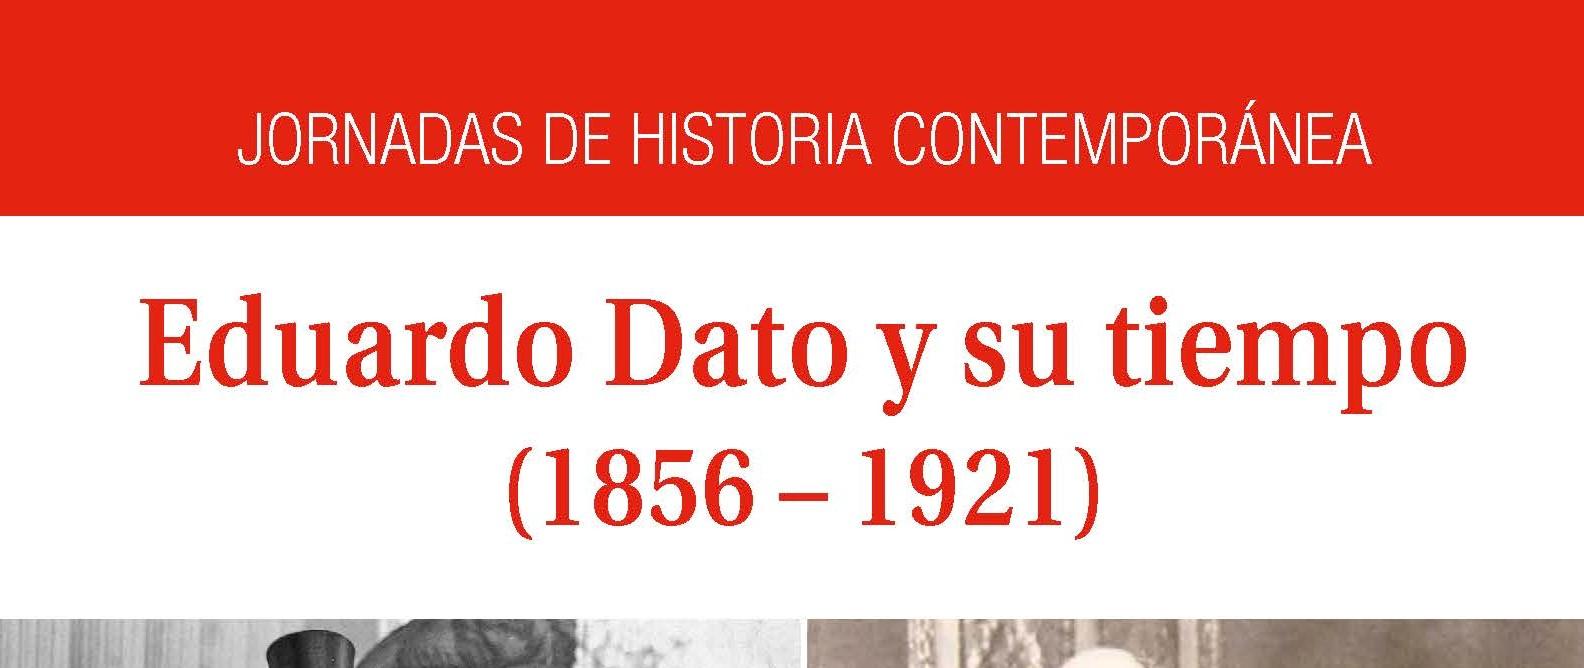 La jornada de Historia Contemporánea sobre Eduardo Dato ahora en YouTube